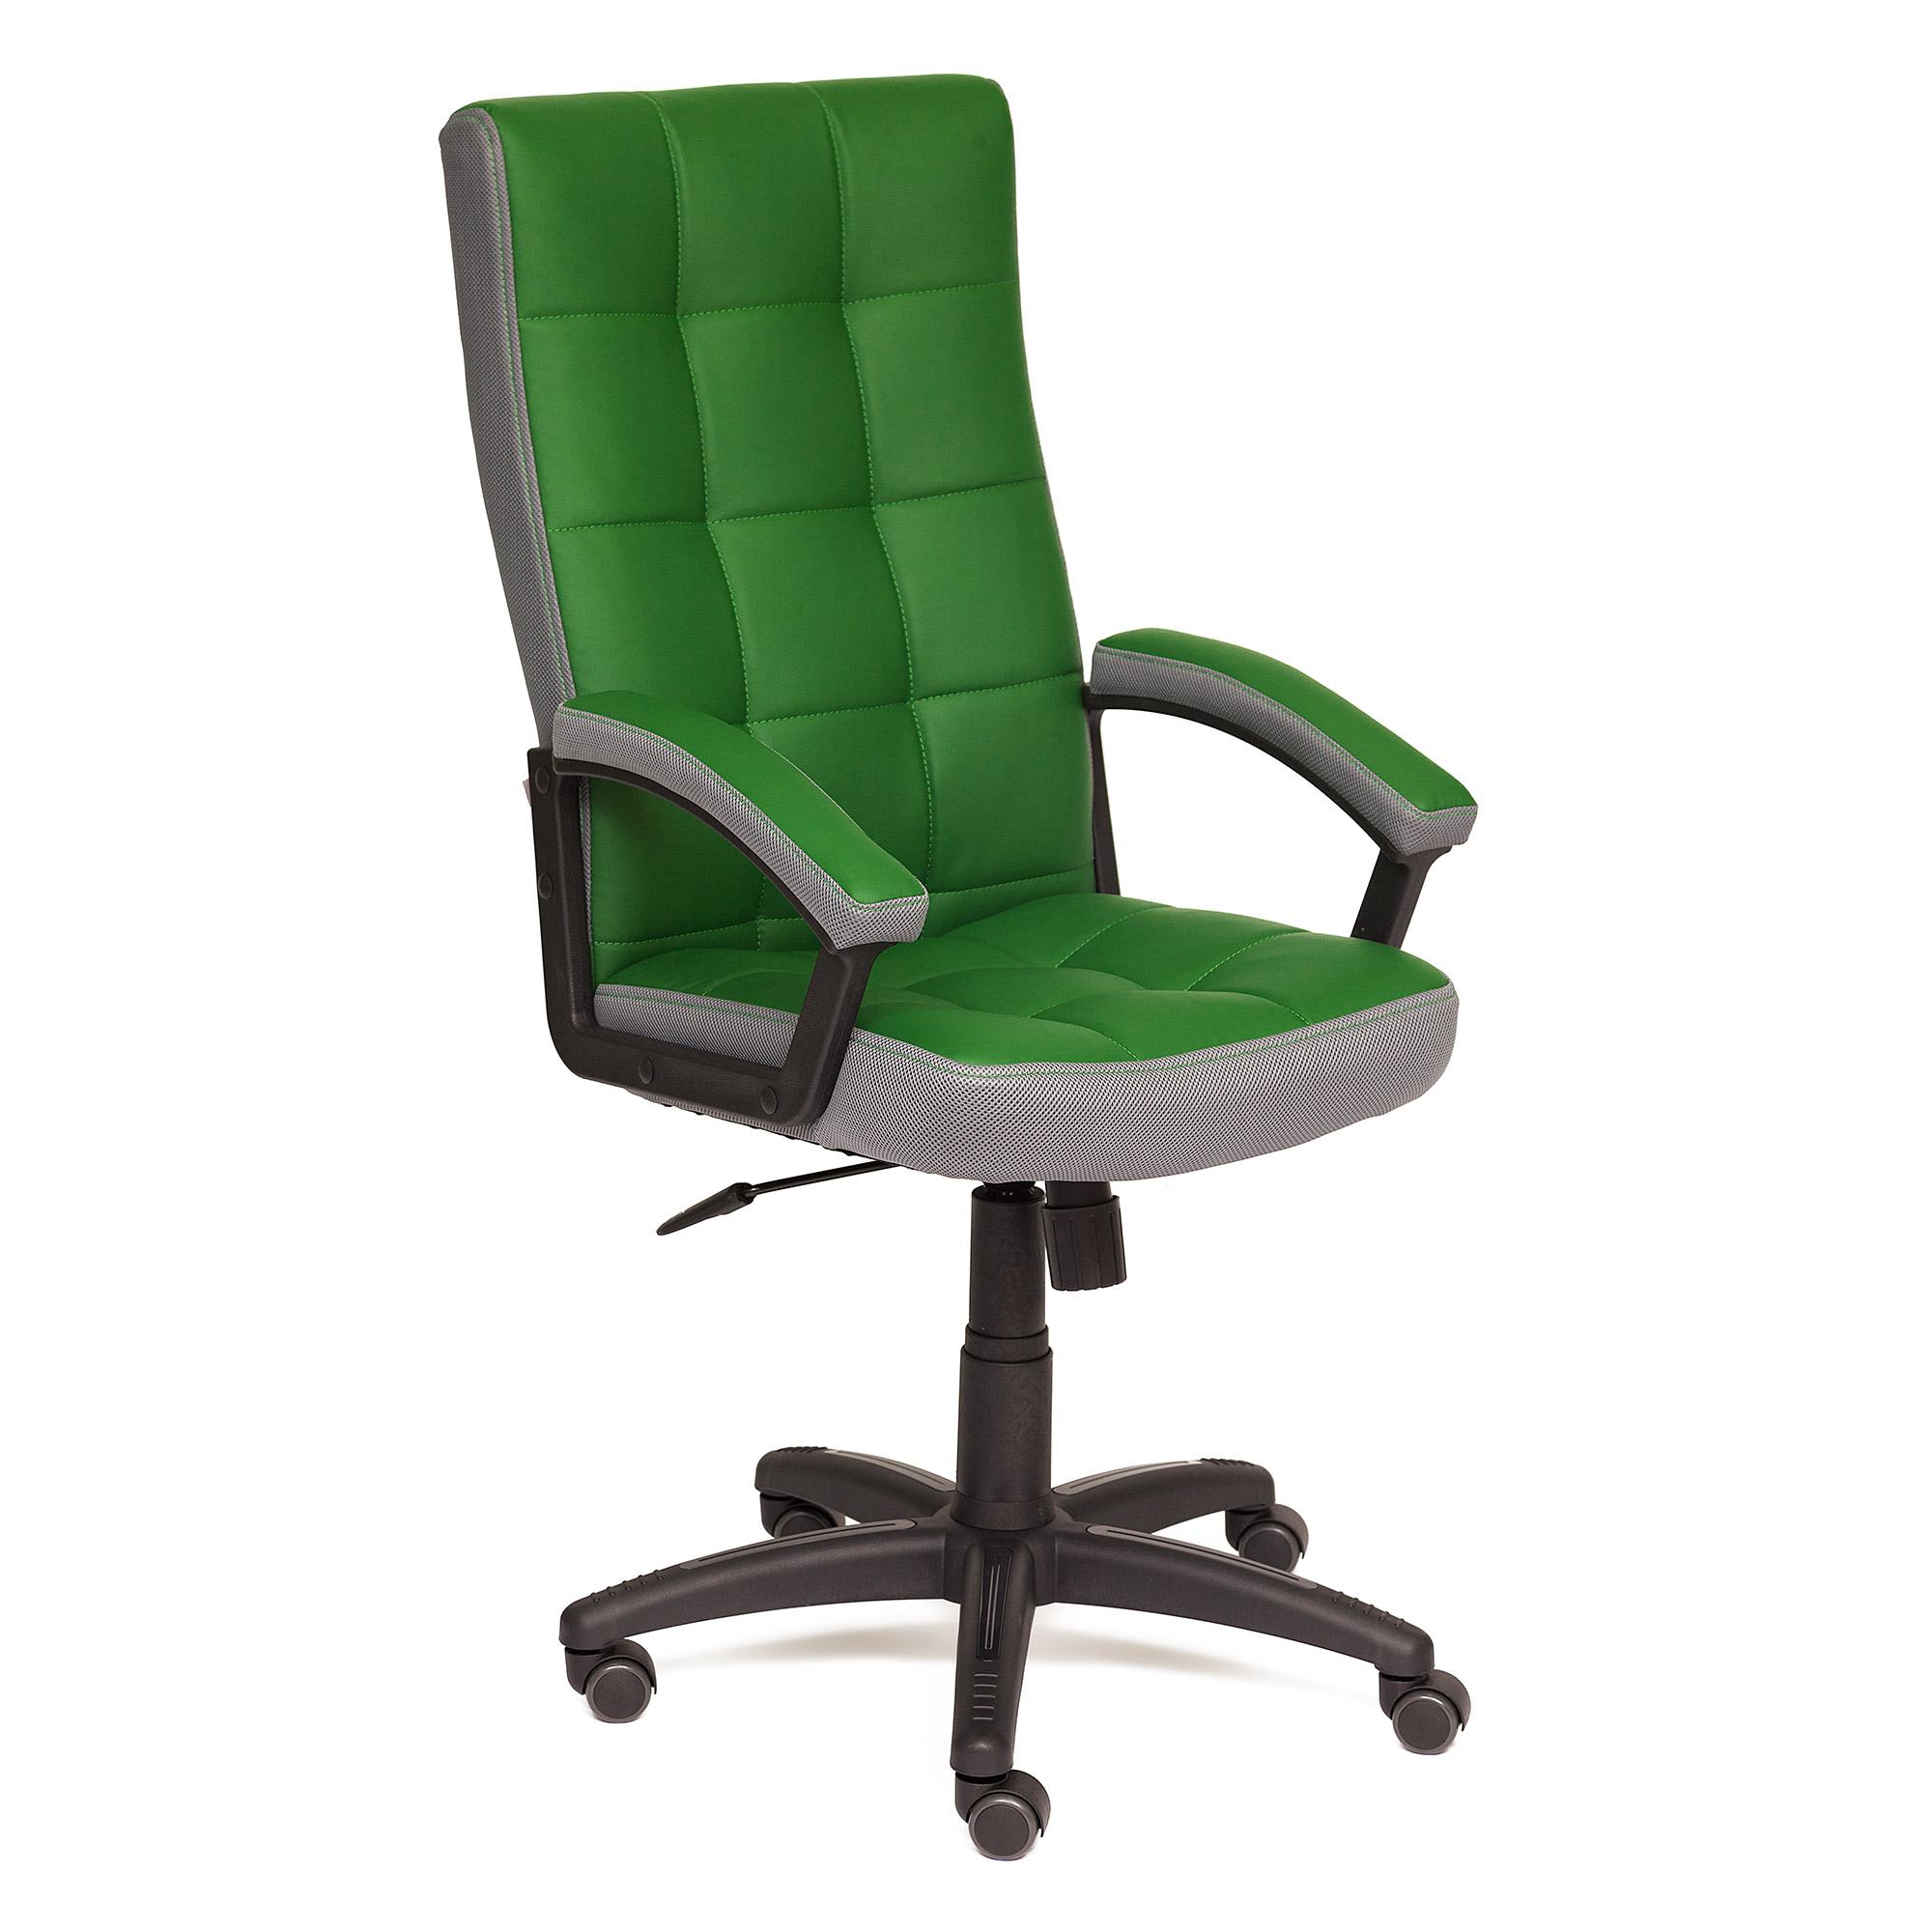 Кресло компьютерное TC до 120 кг 128х58х46 см фото